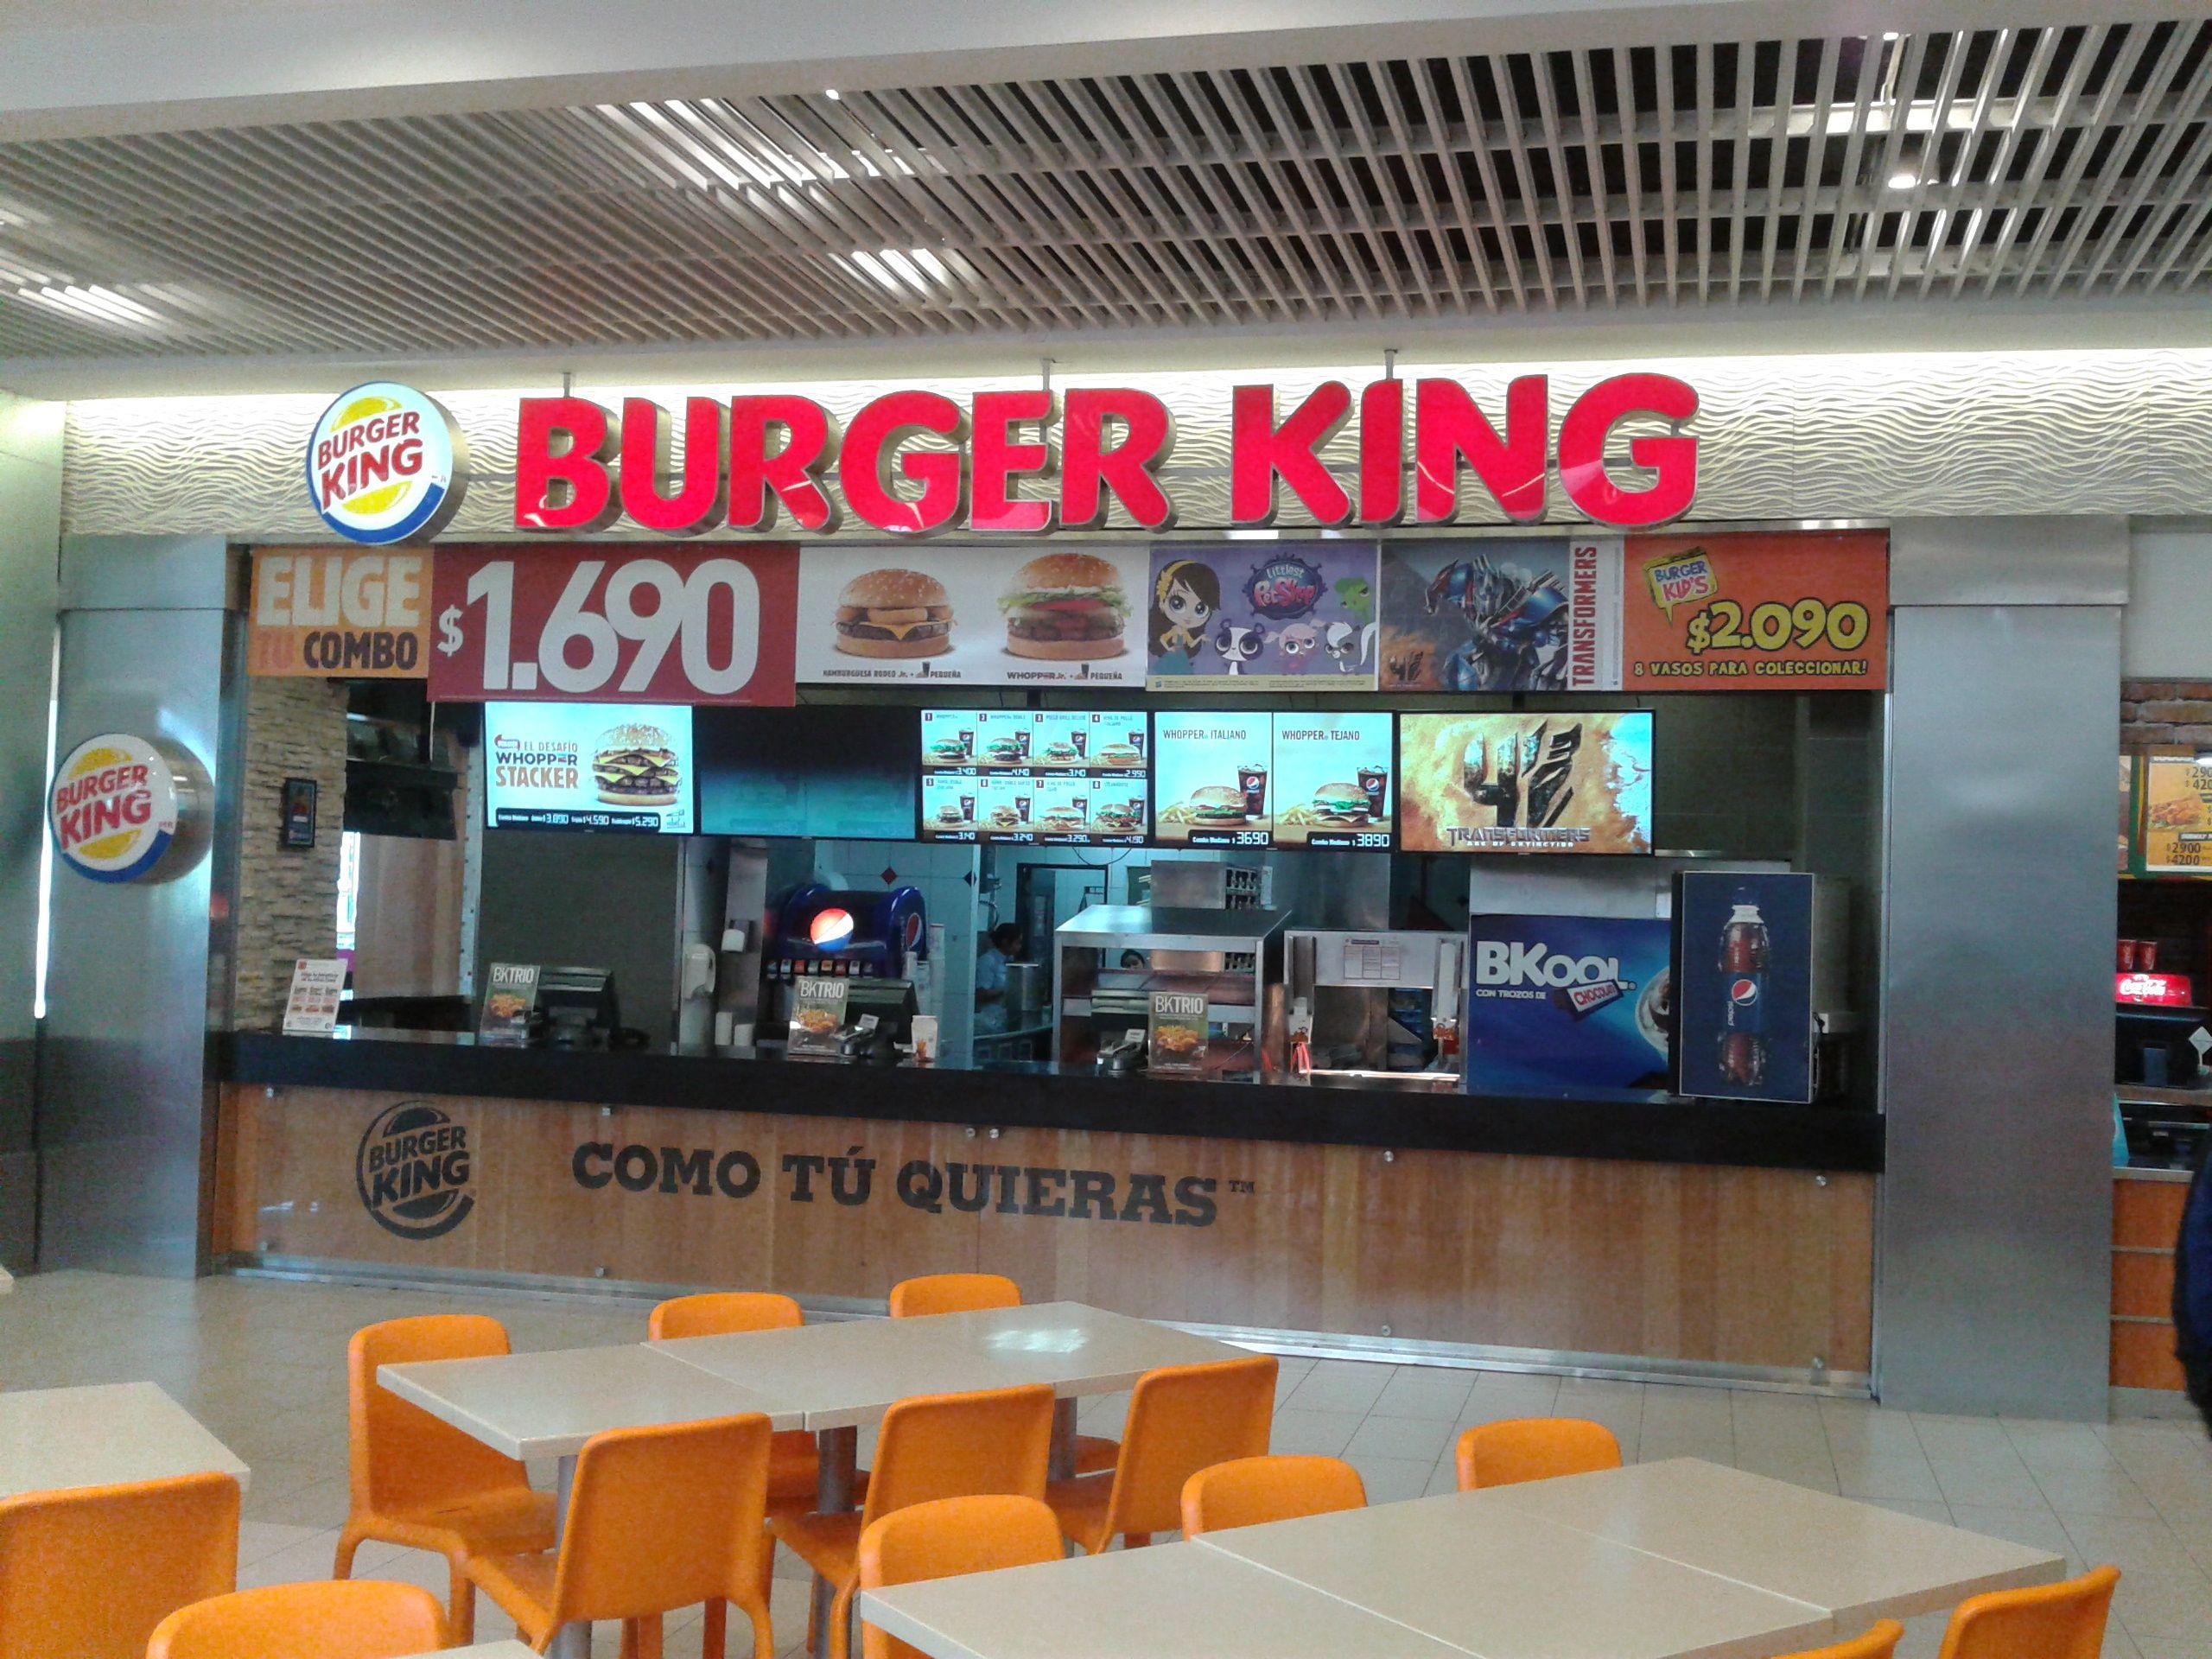 Burger king dining room